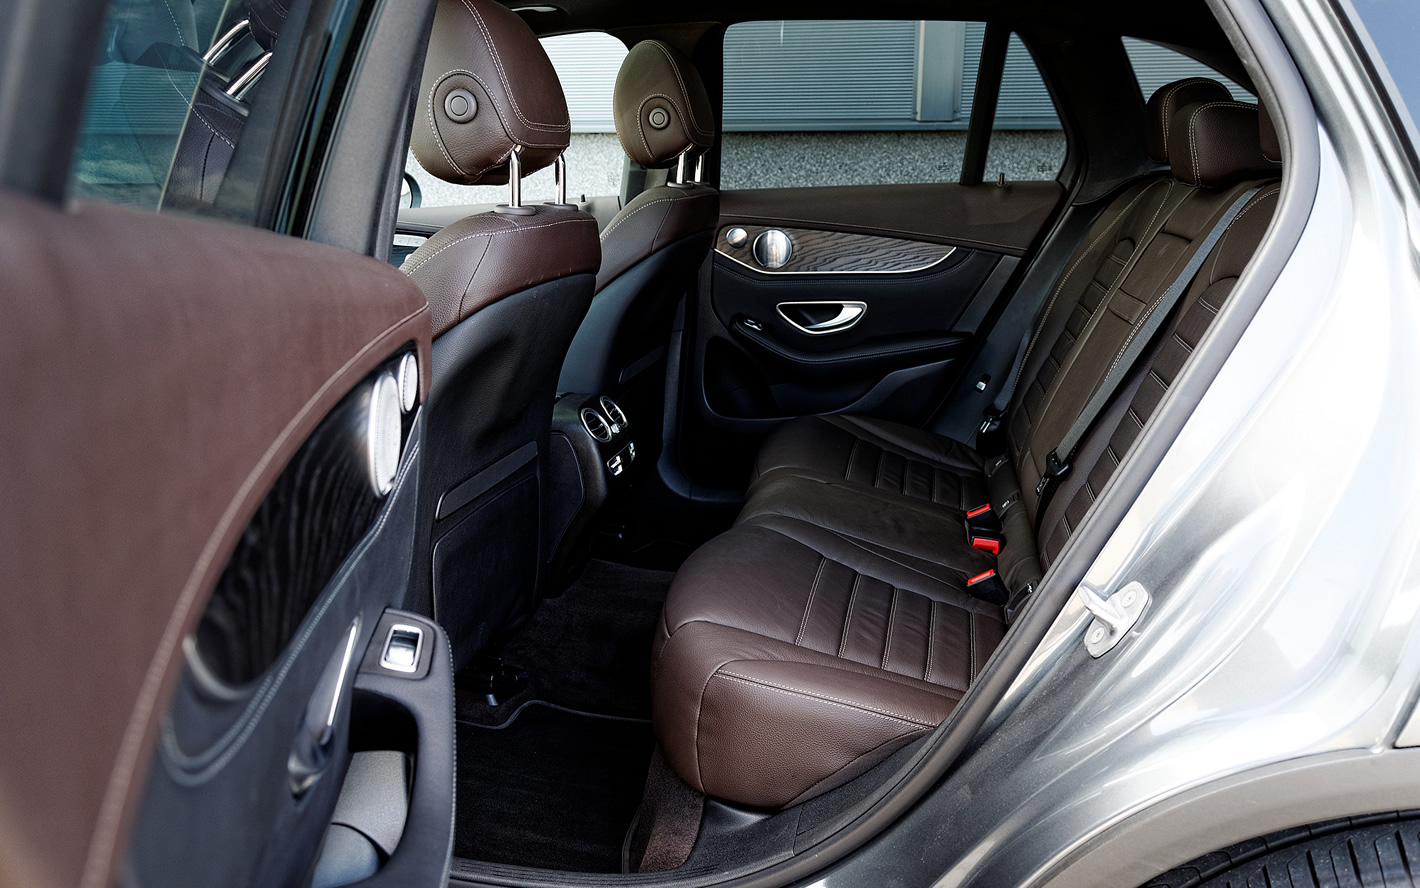 Mercedes-Benz GLC 350 e 4Matic - duża ilość miejsca ztyłu